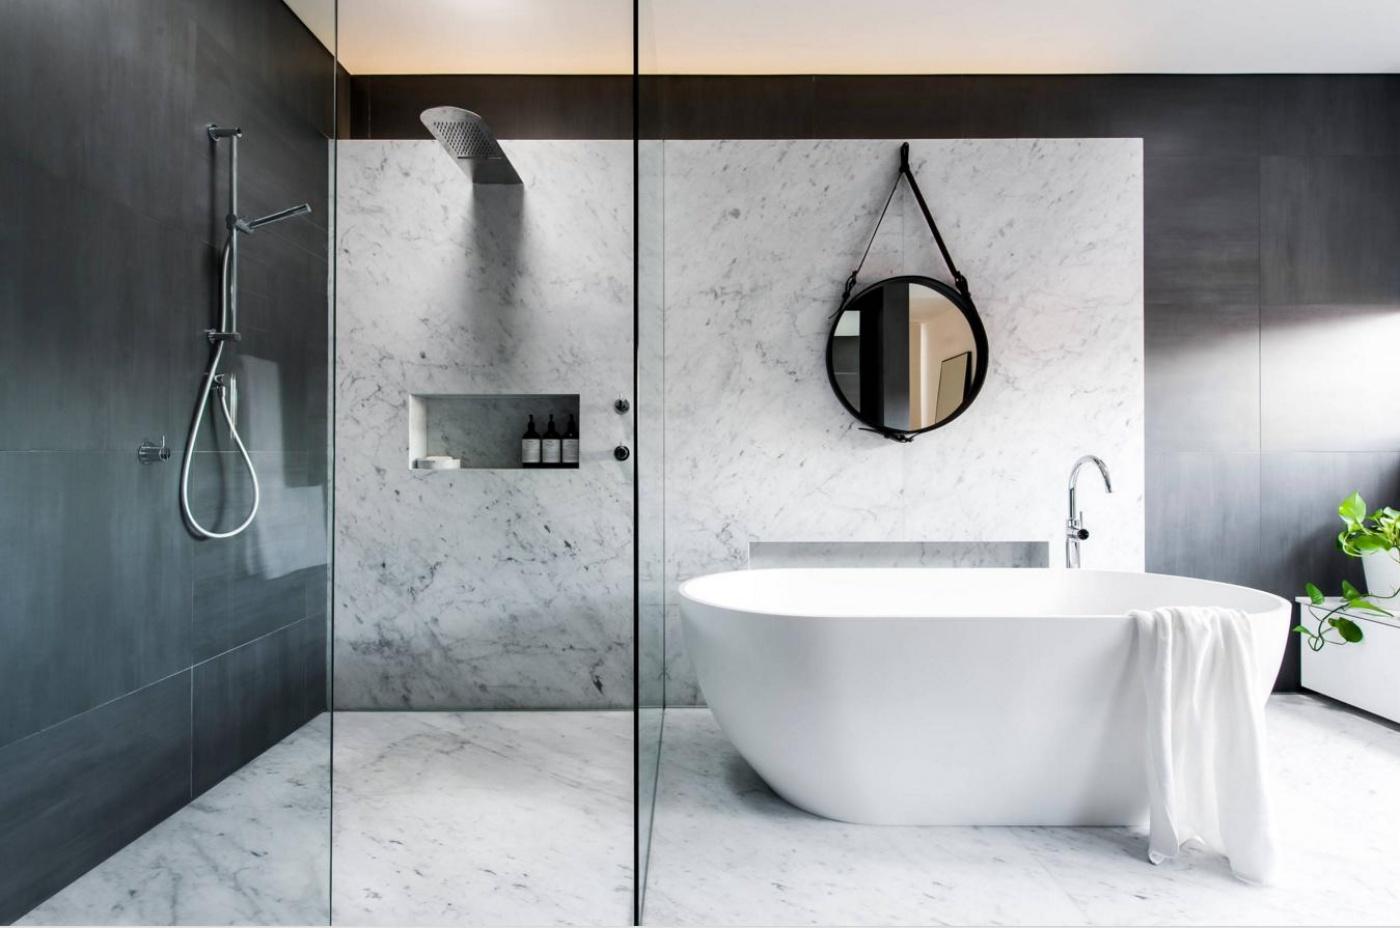 Mur de douche en marbre blanc carrare mat. Livraison et pose de salle de bains à Toulon (Var).